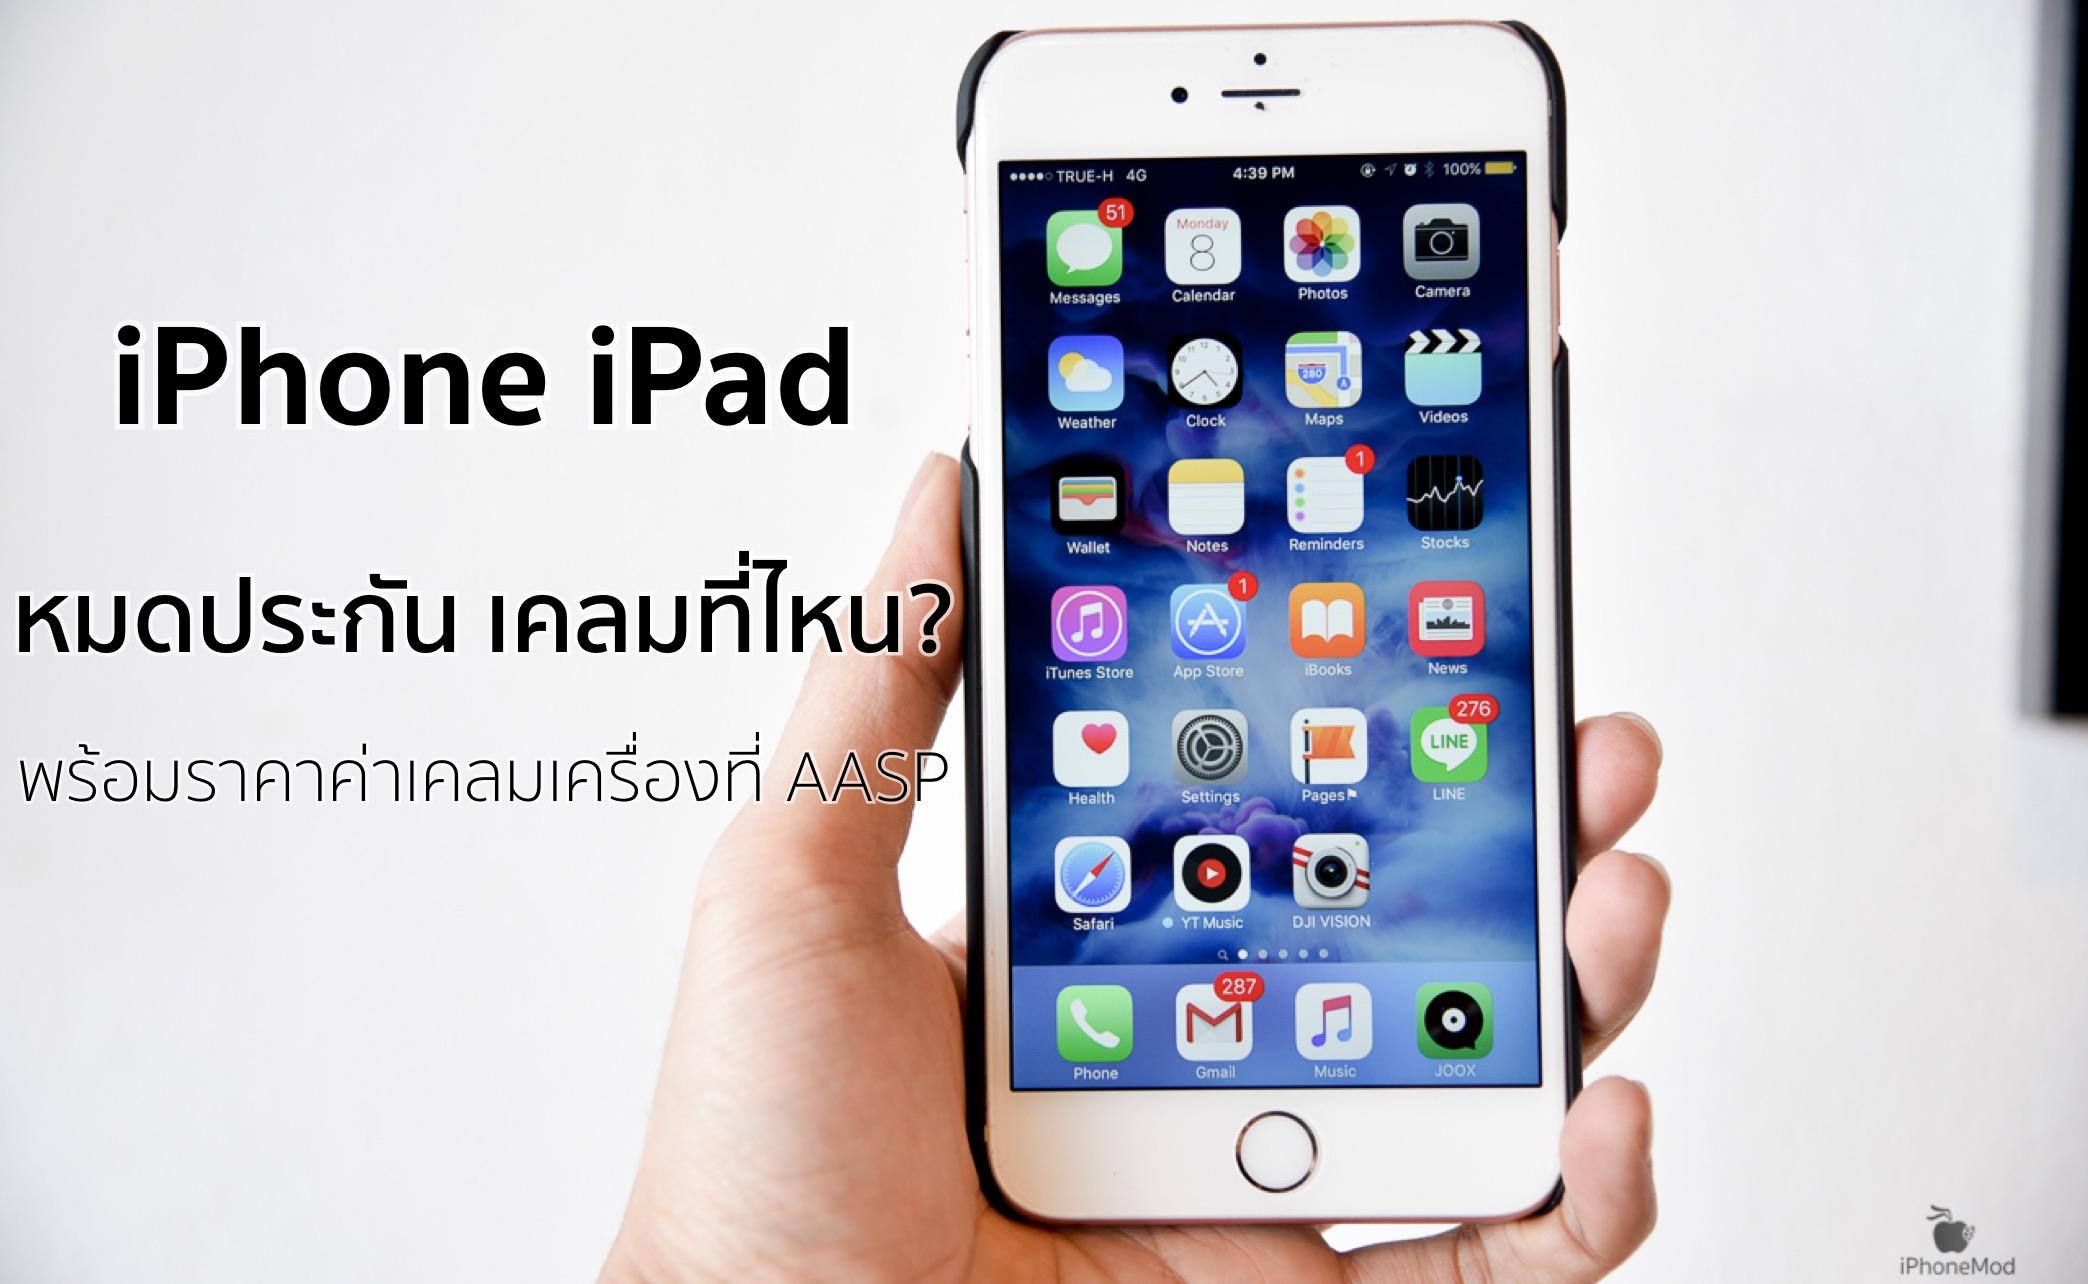 iphone-exchange-aasp